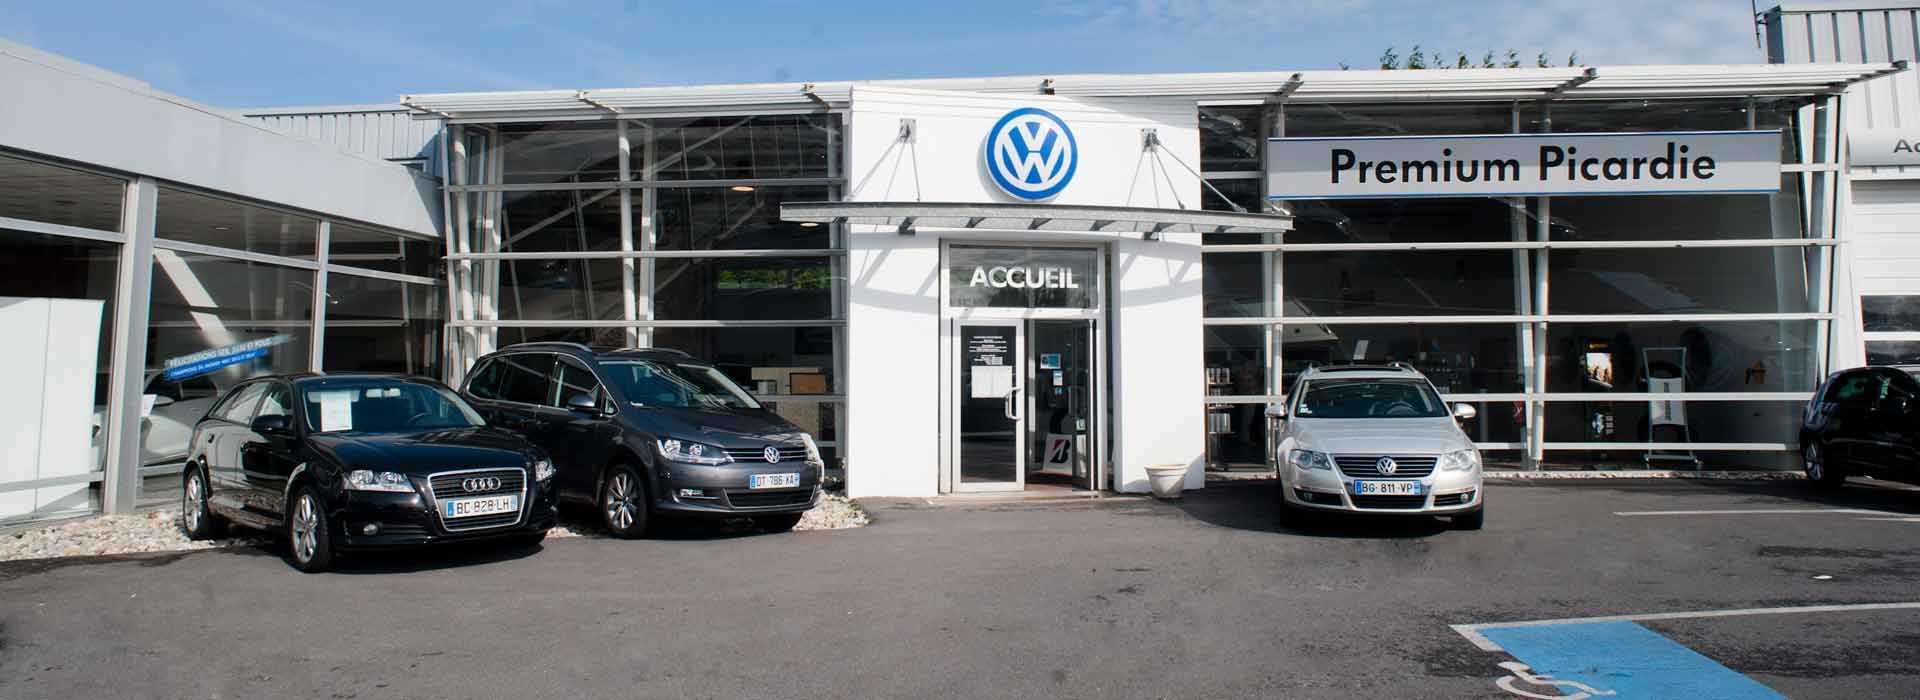 volkswagen abbeville concessionnaire garage